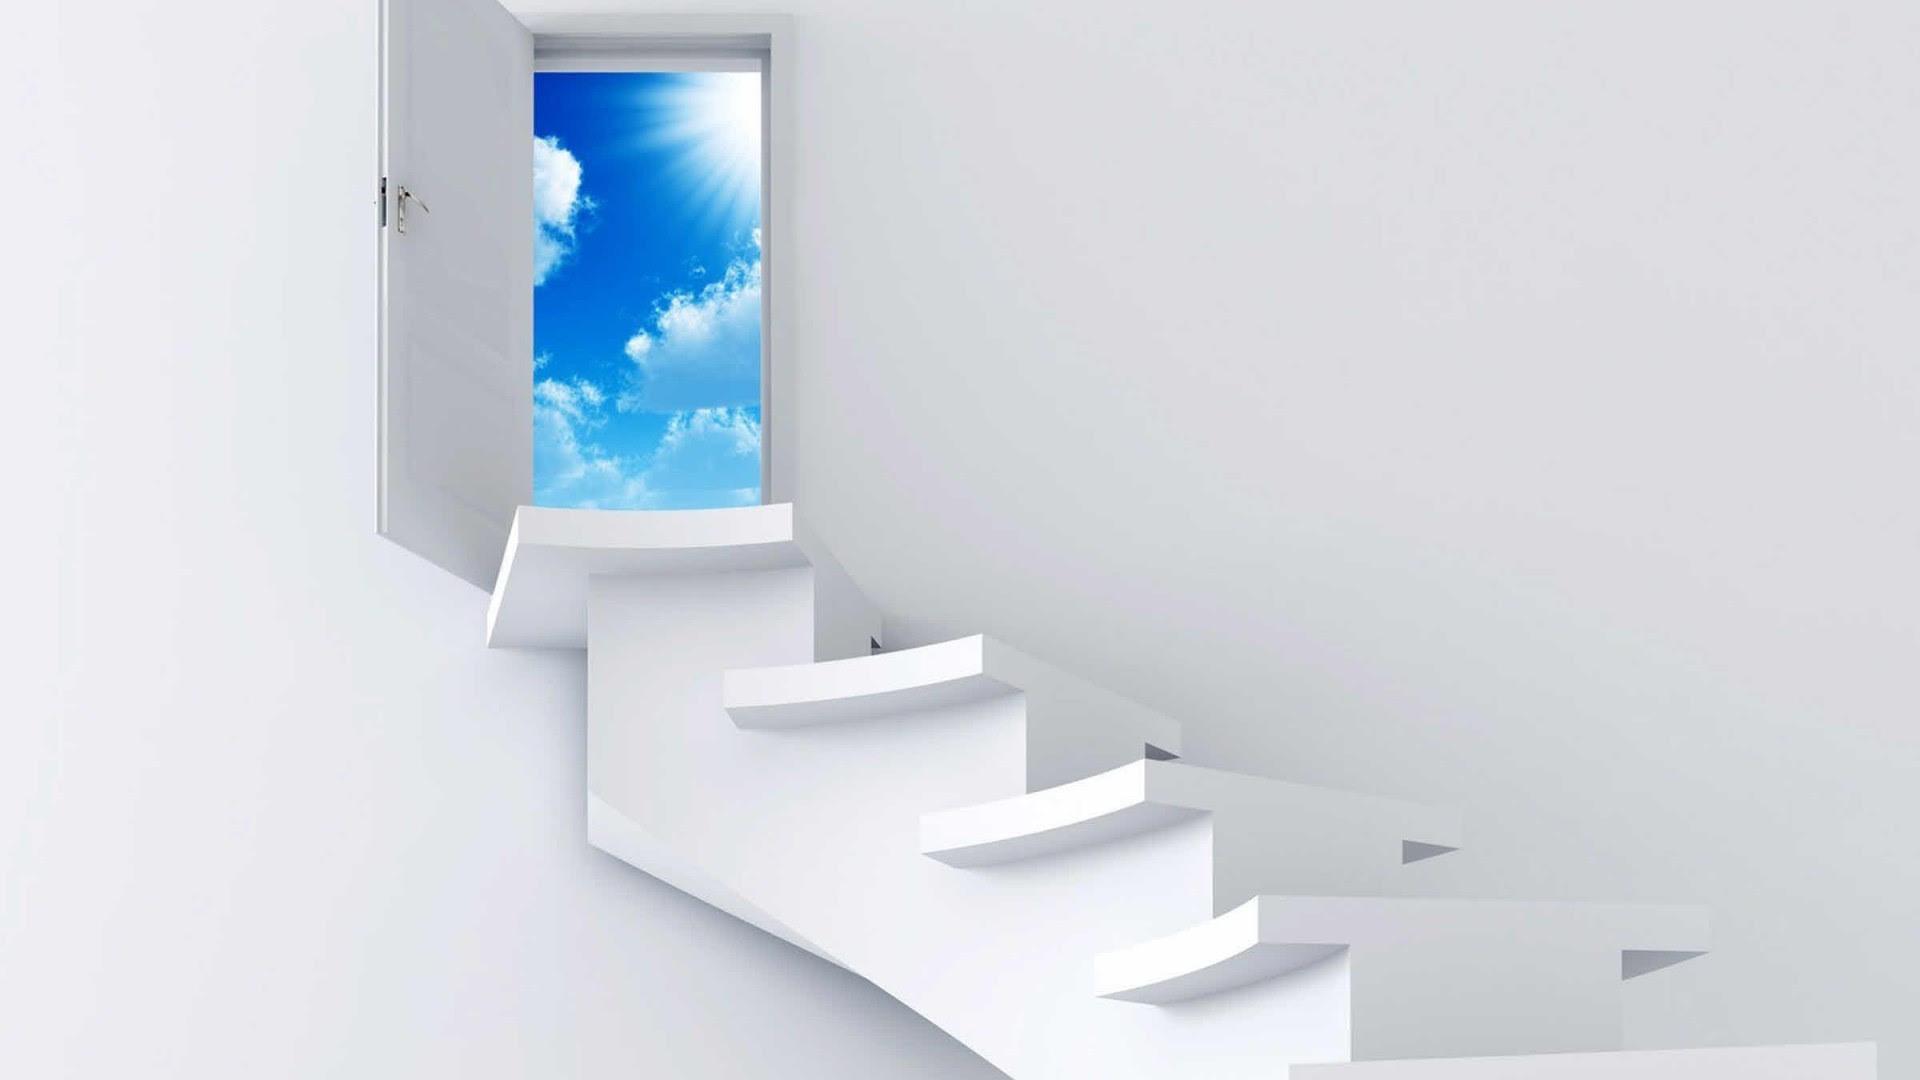 Hd White Wallpaper Sf Wallpaper